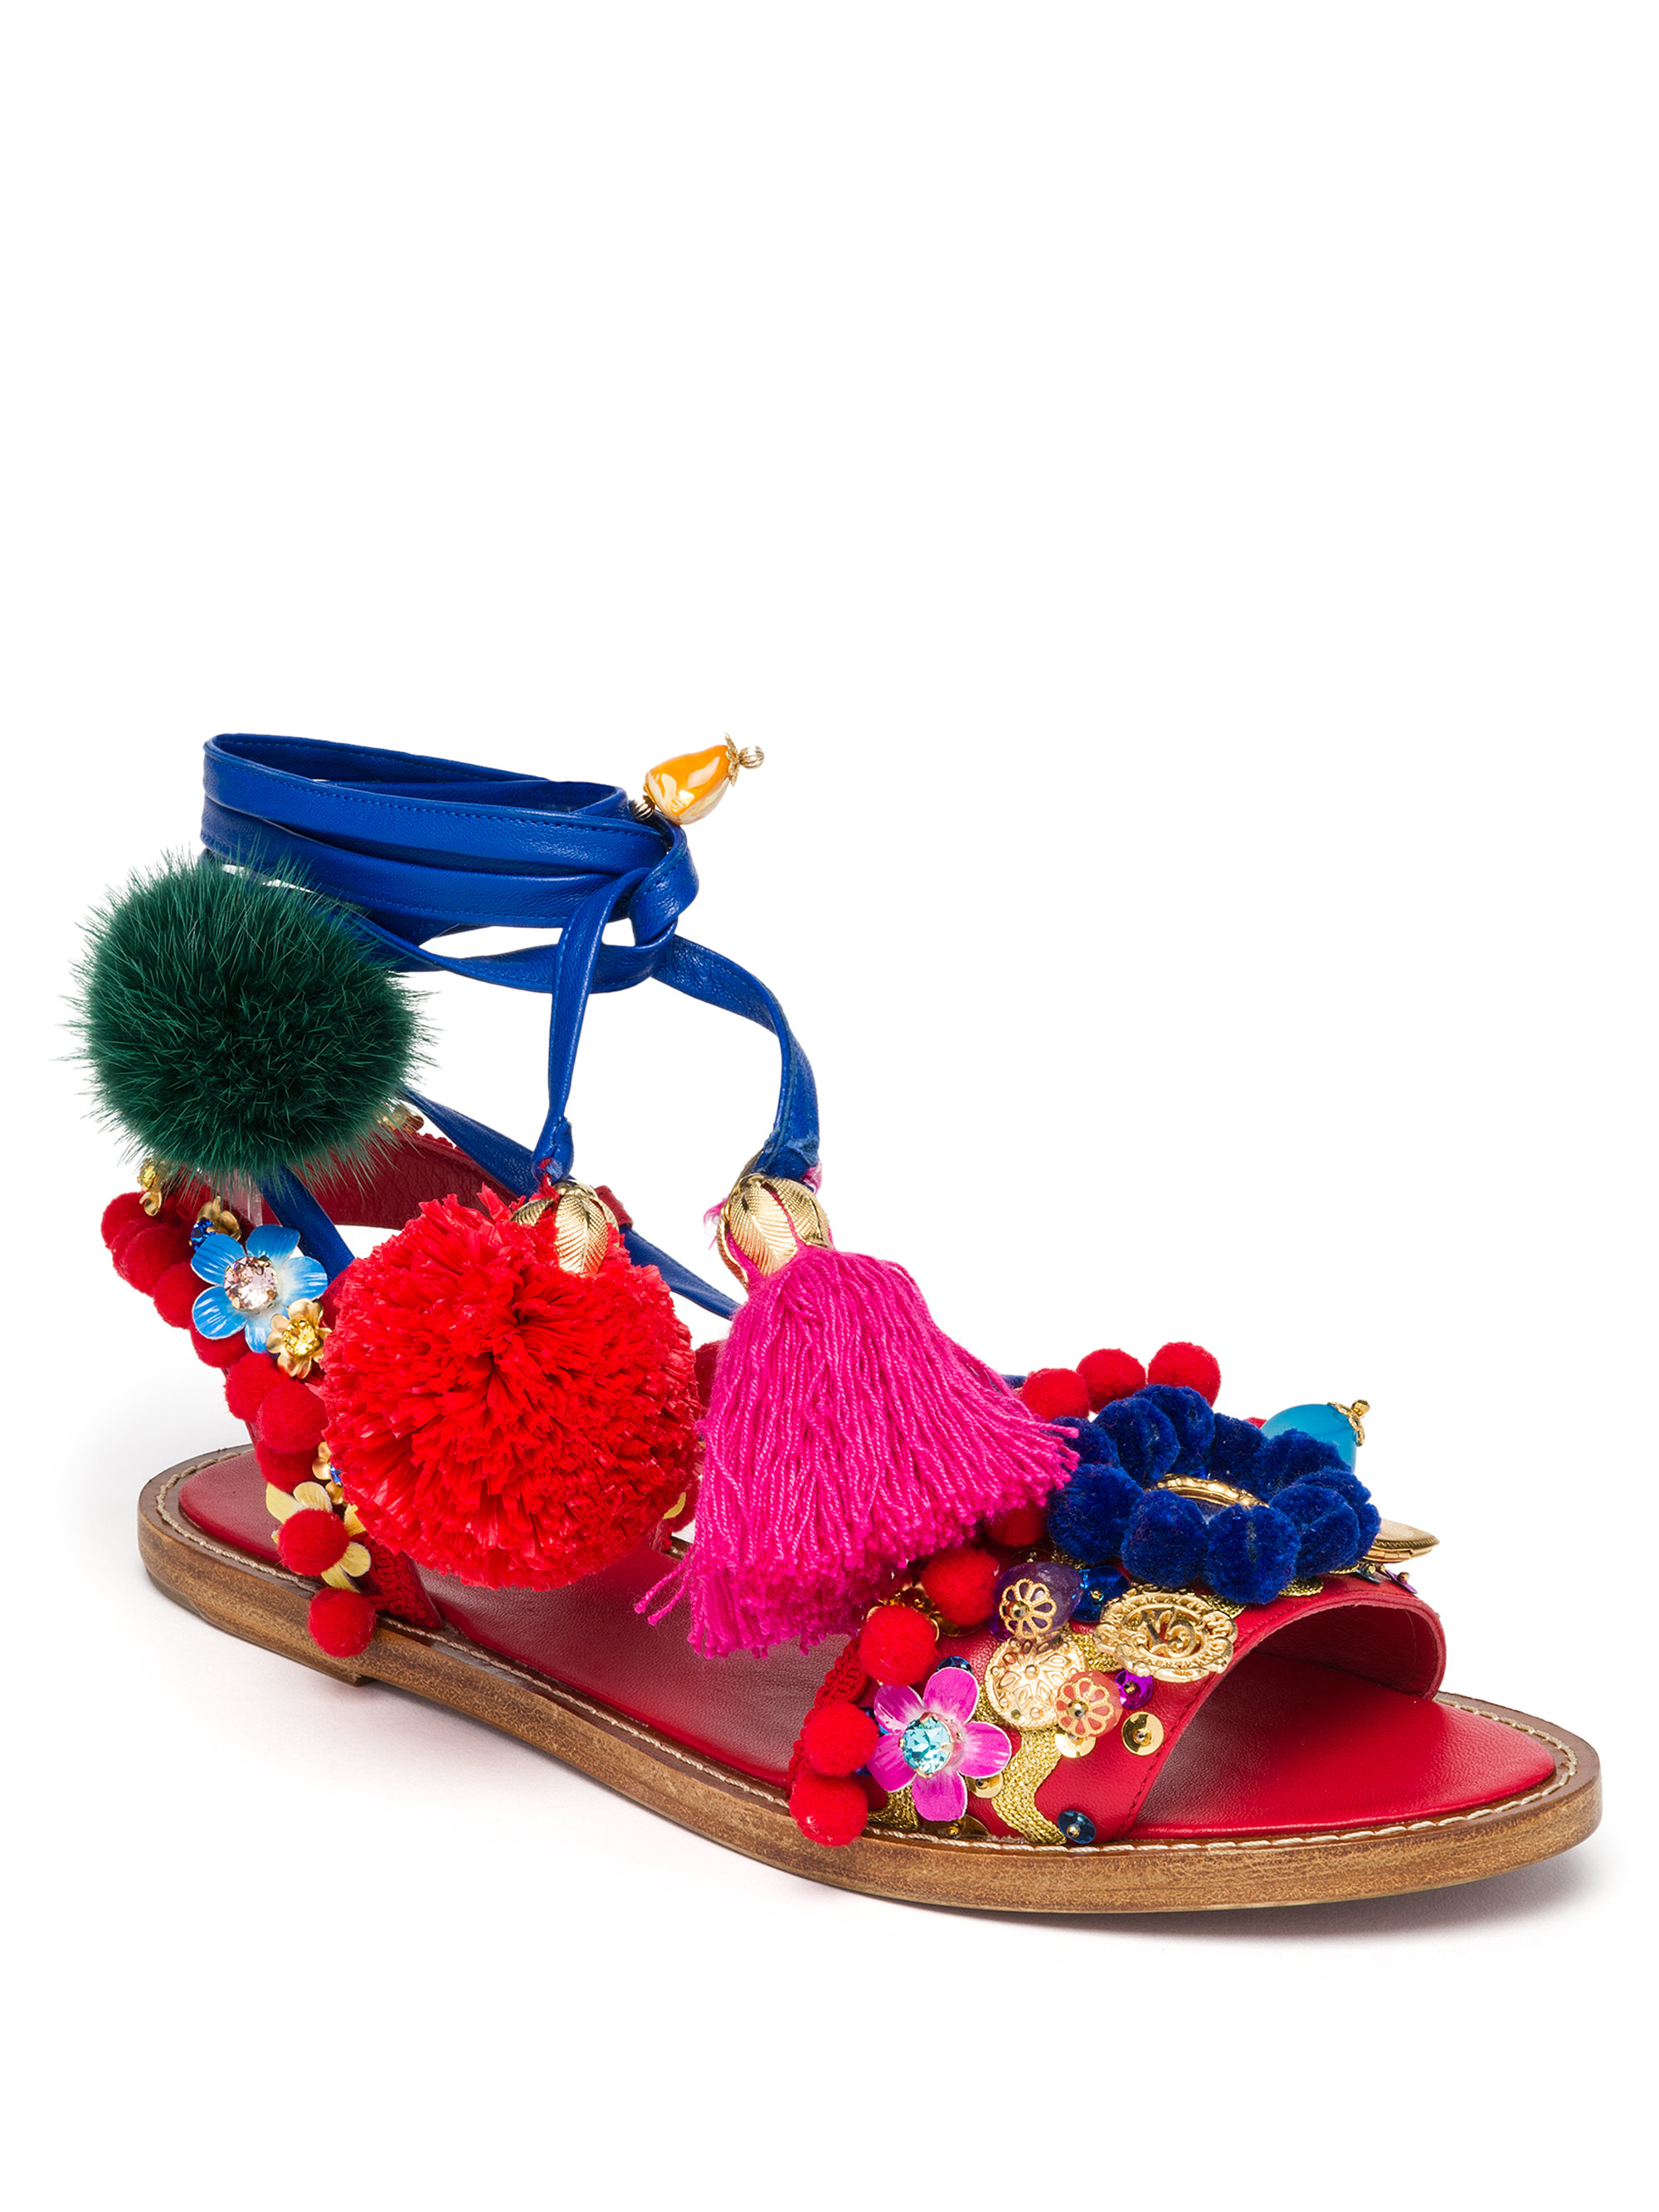 e50a3af91 Dolce & Gabbana Pom-pom Embellished Sandals - Lyst